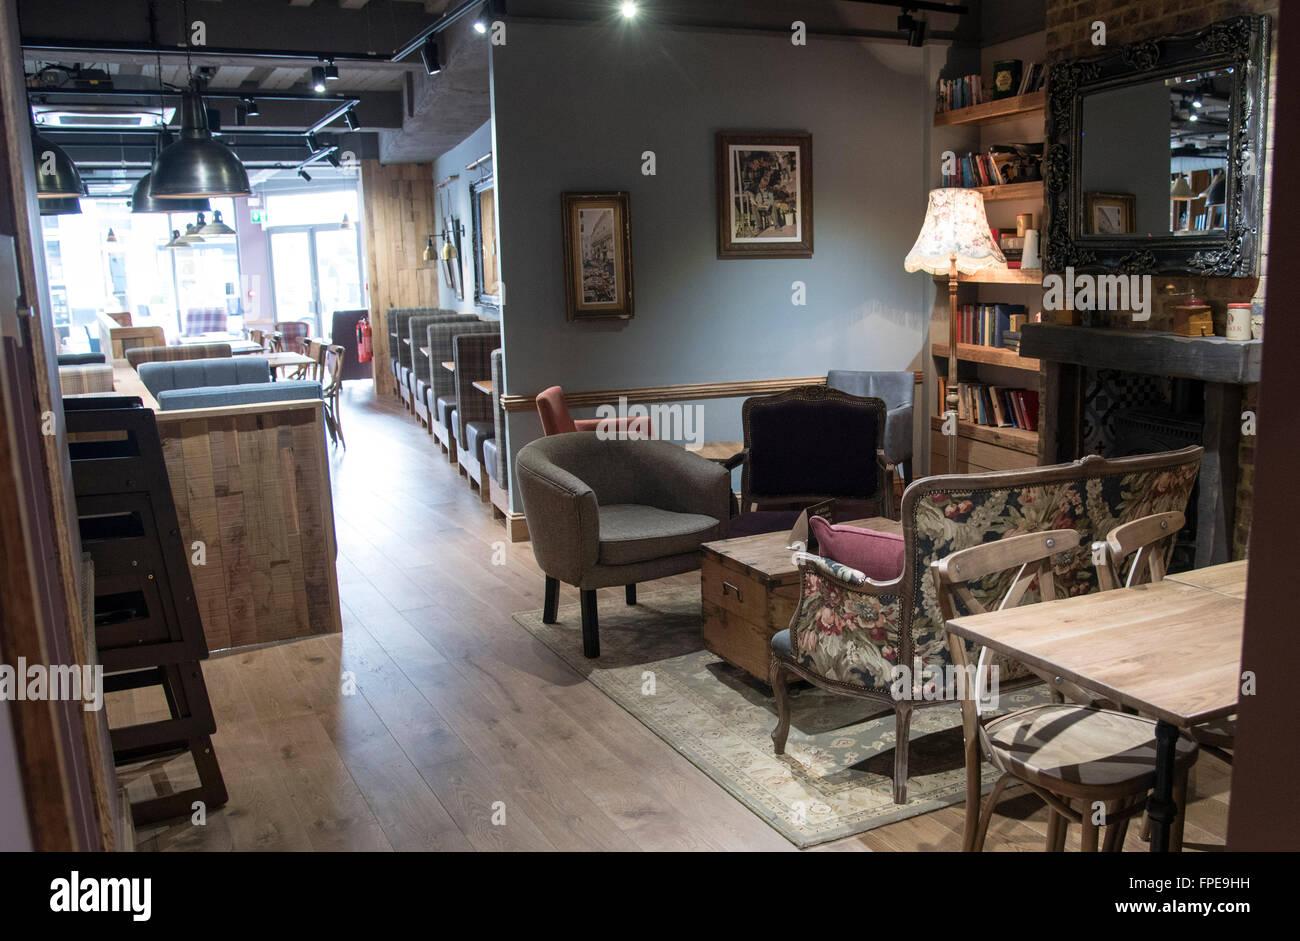 Nuovo stile cafe nero interni arredamento eclettico foto for Arredamento stile eclettico